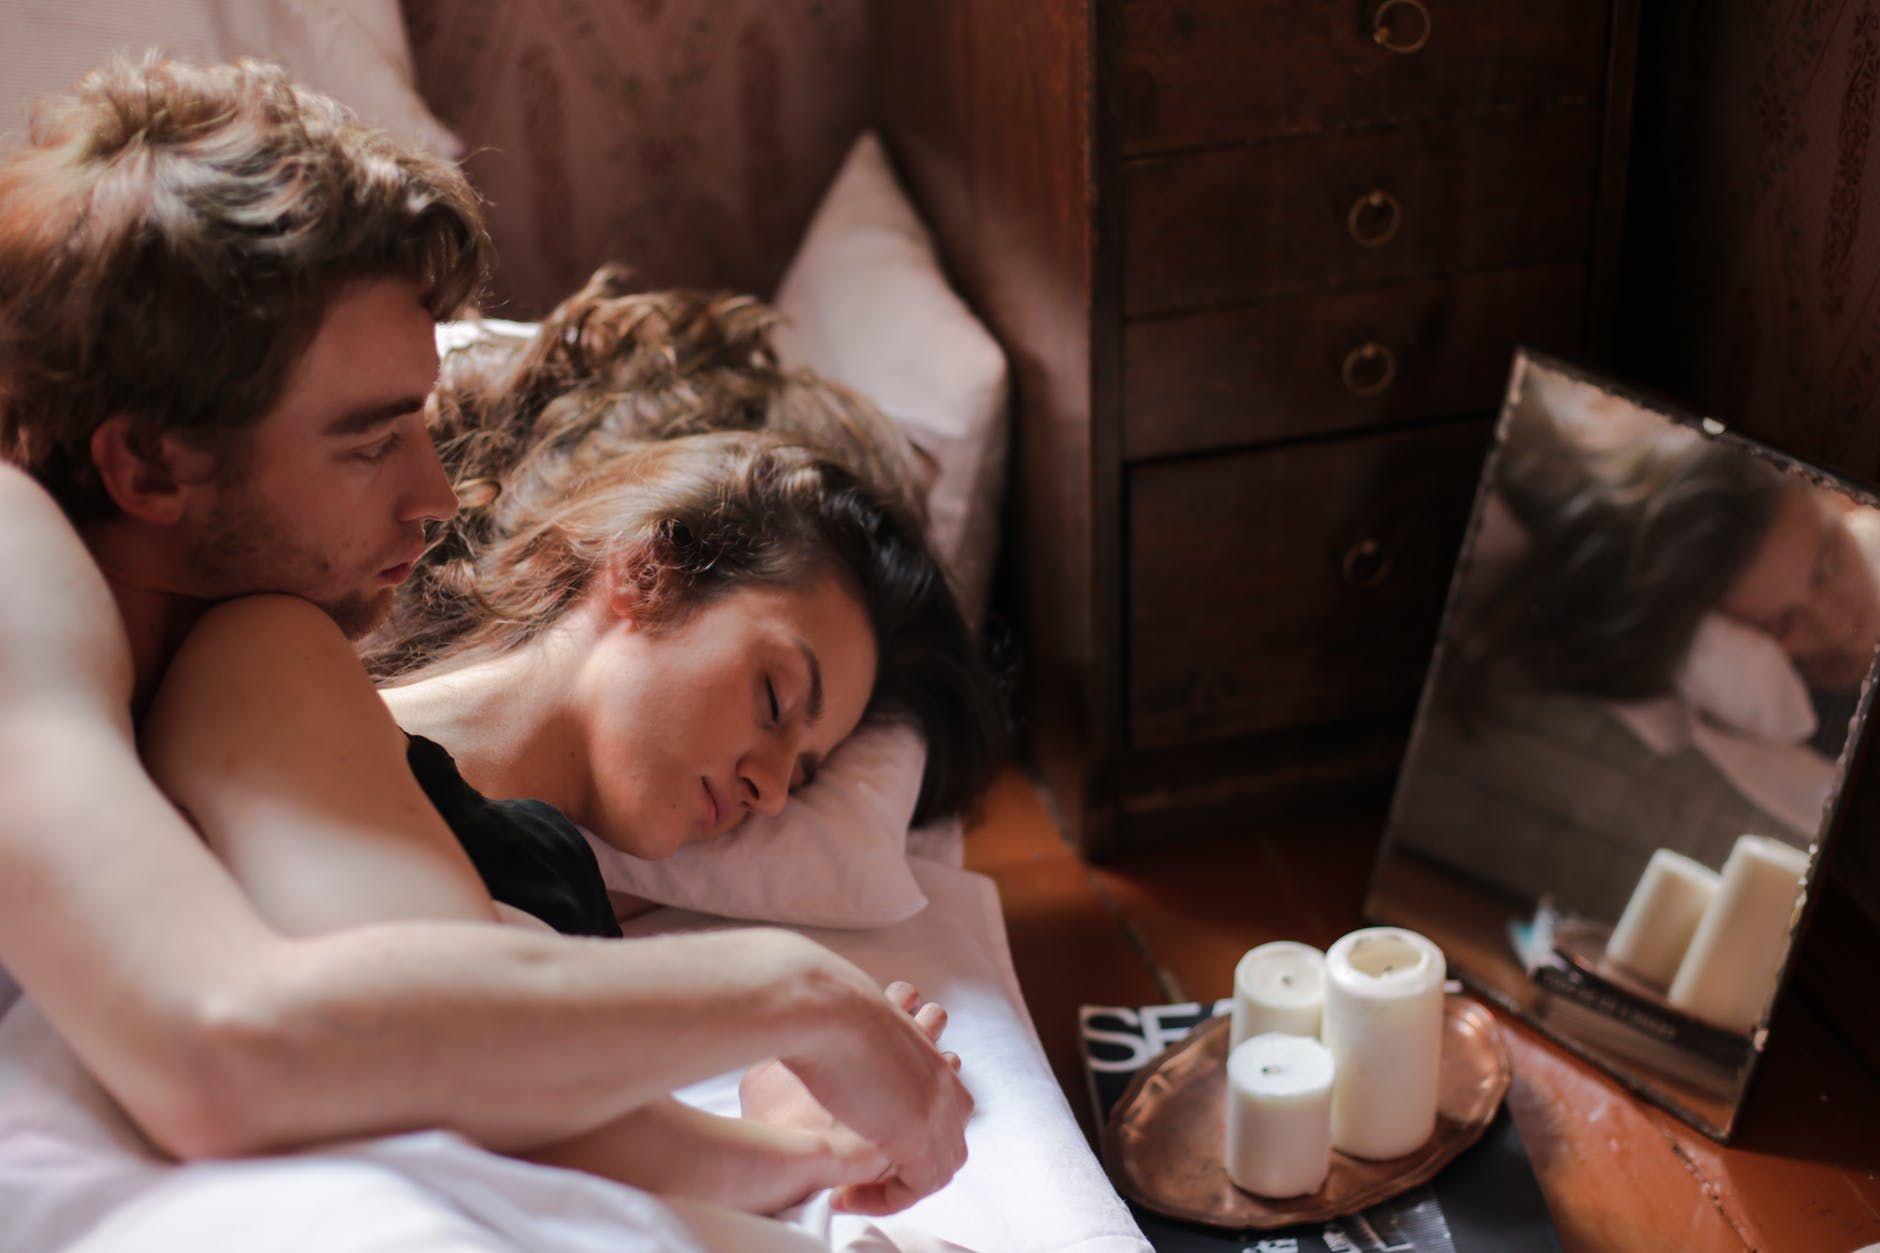 6 Fakta Seputar Open Marriage, Bukan Selingkuh